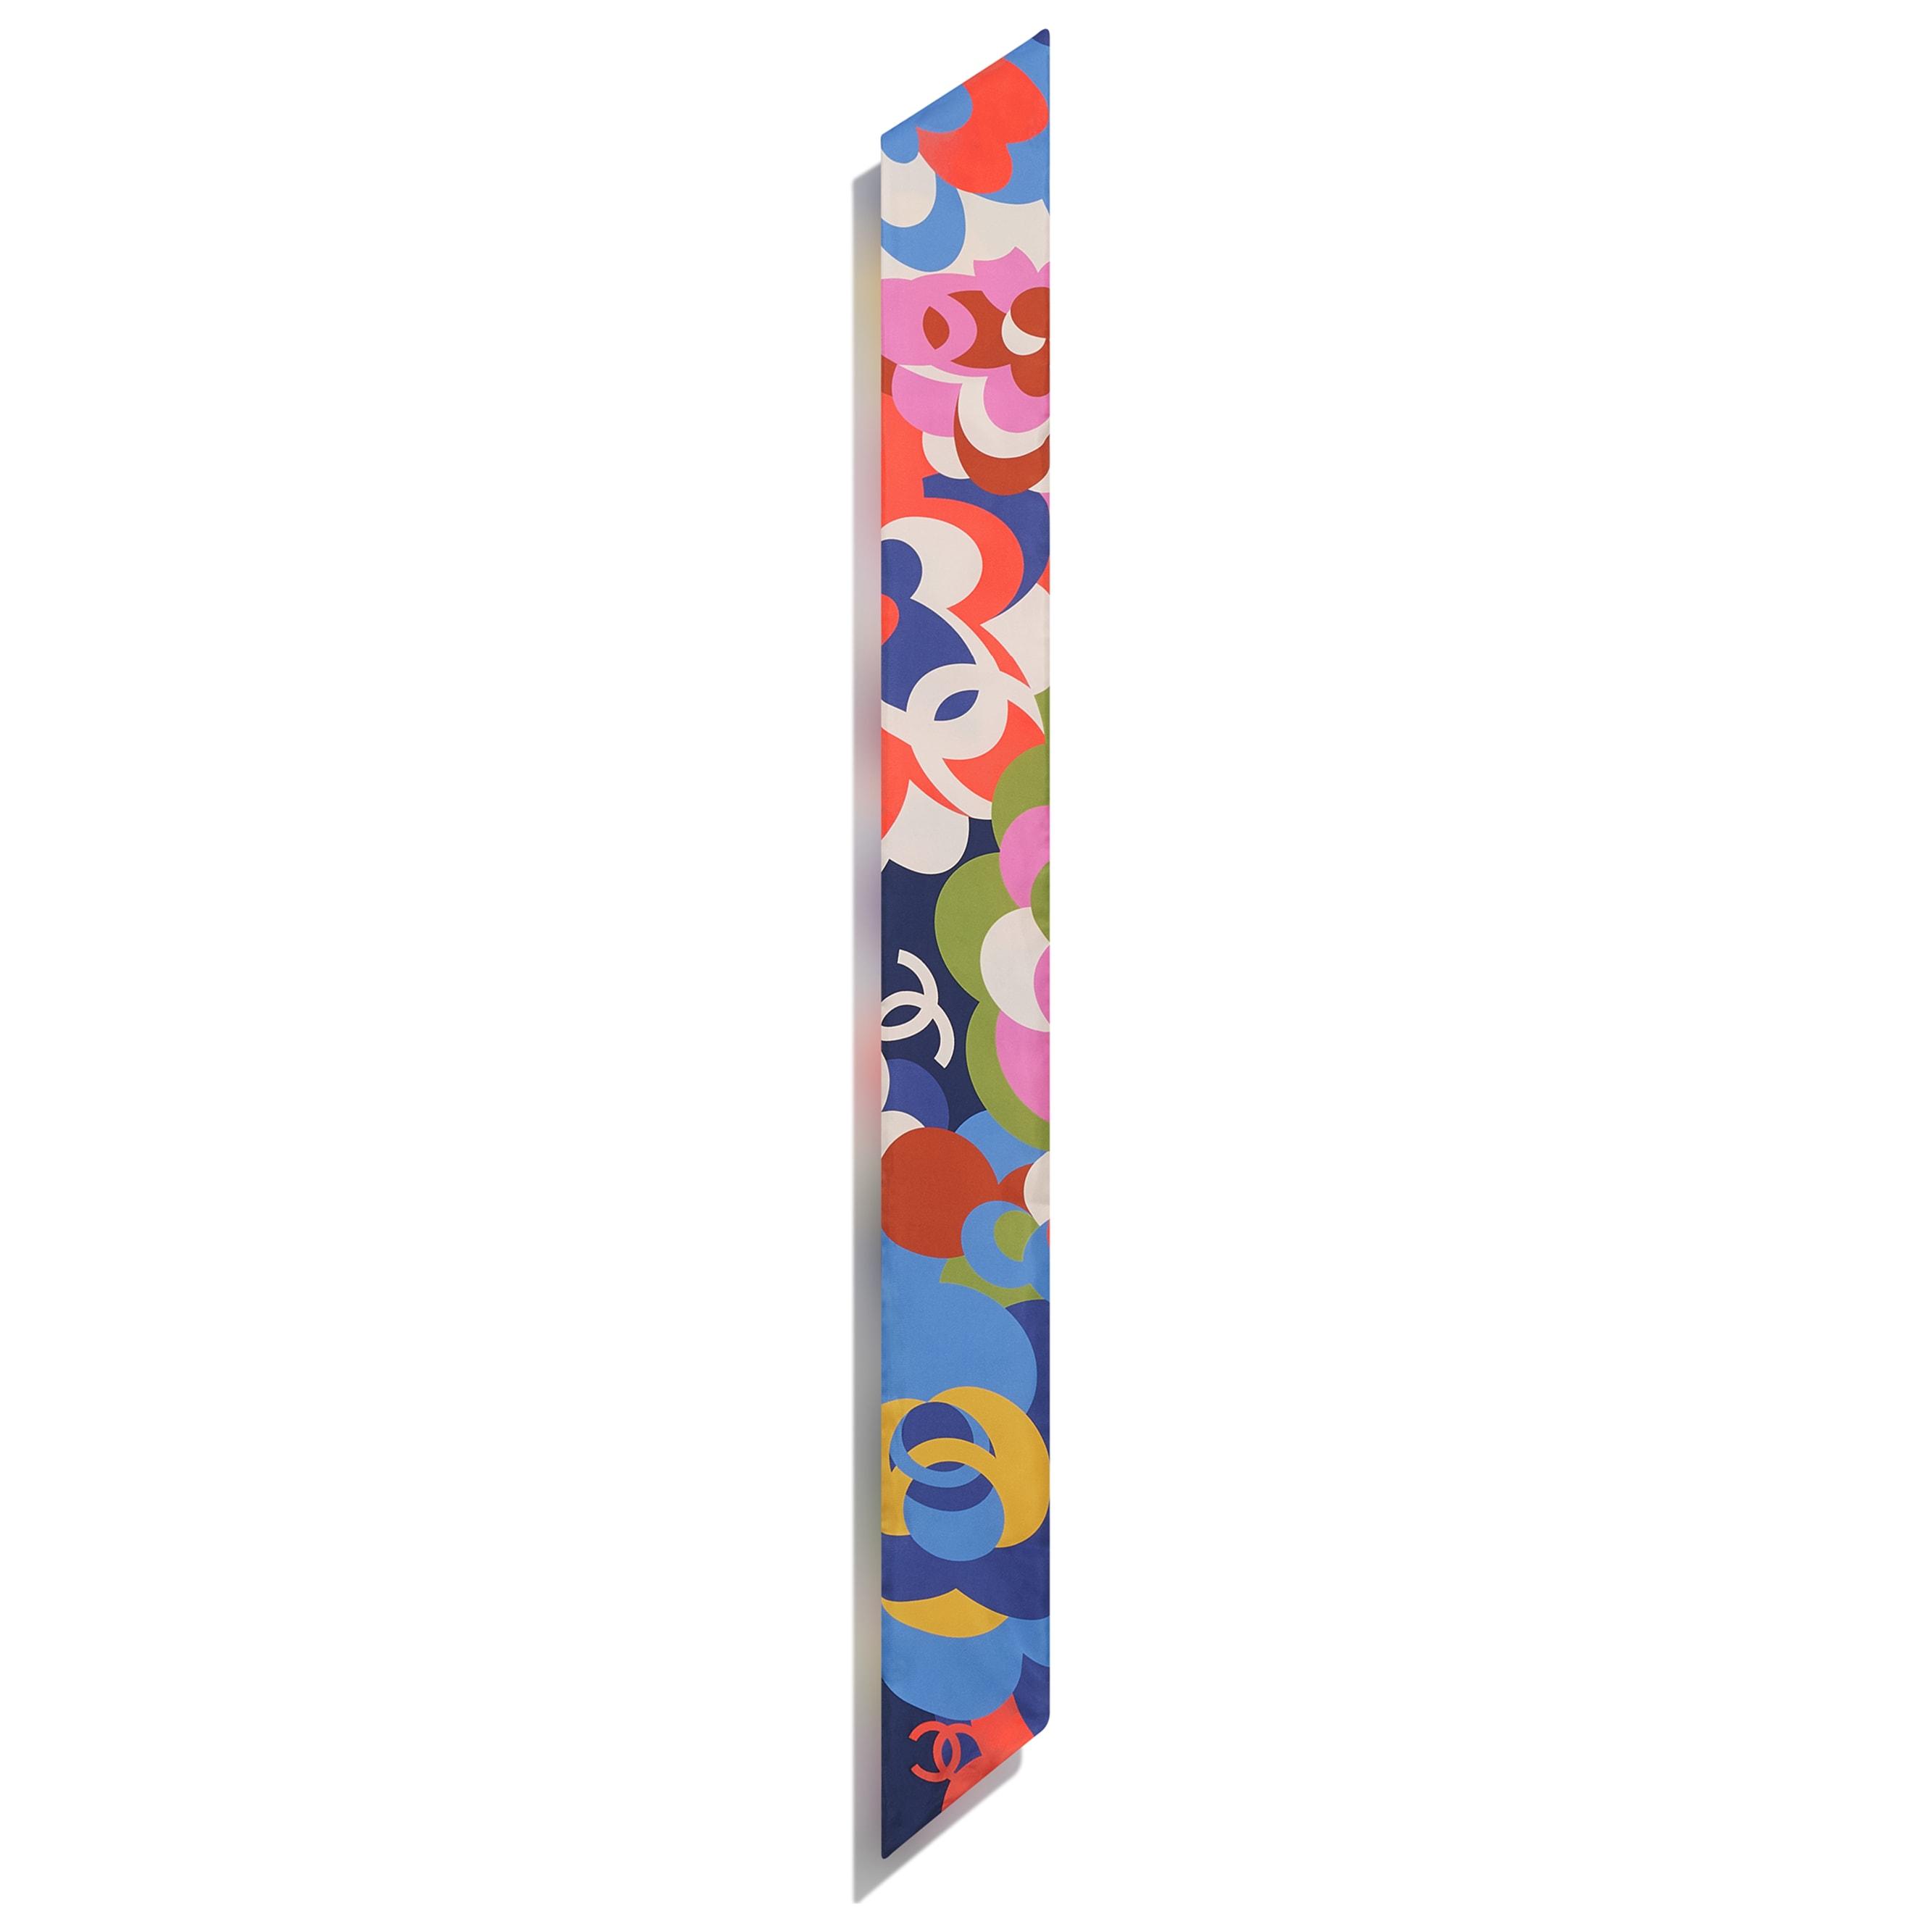 Cerchietto - Nero, blu & multicolor - Twill di seta - CHANEL - Altra immagine - vedere versione standard